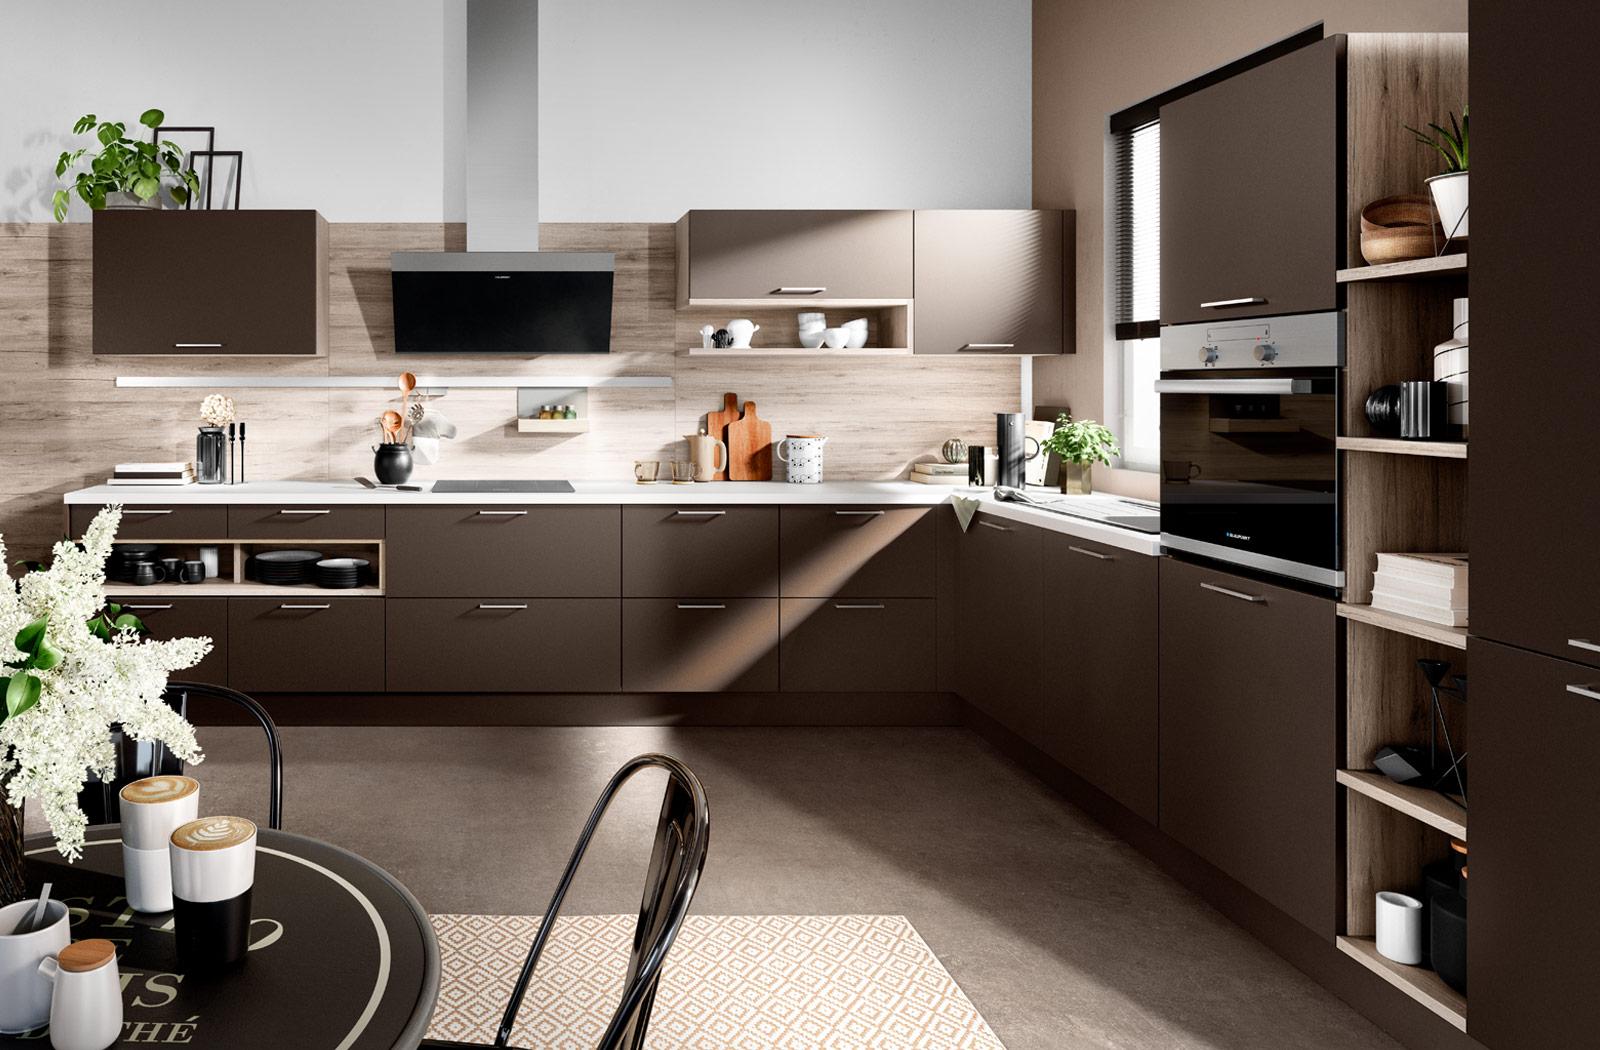 Häcker Küchen 2019 | Test, Preise, Qualität, Musterküchen